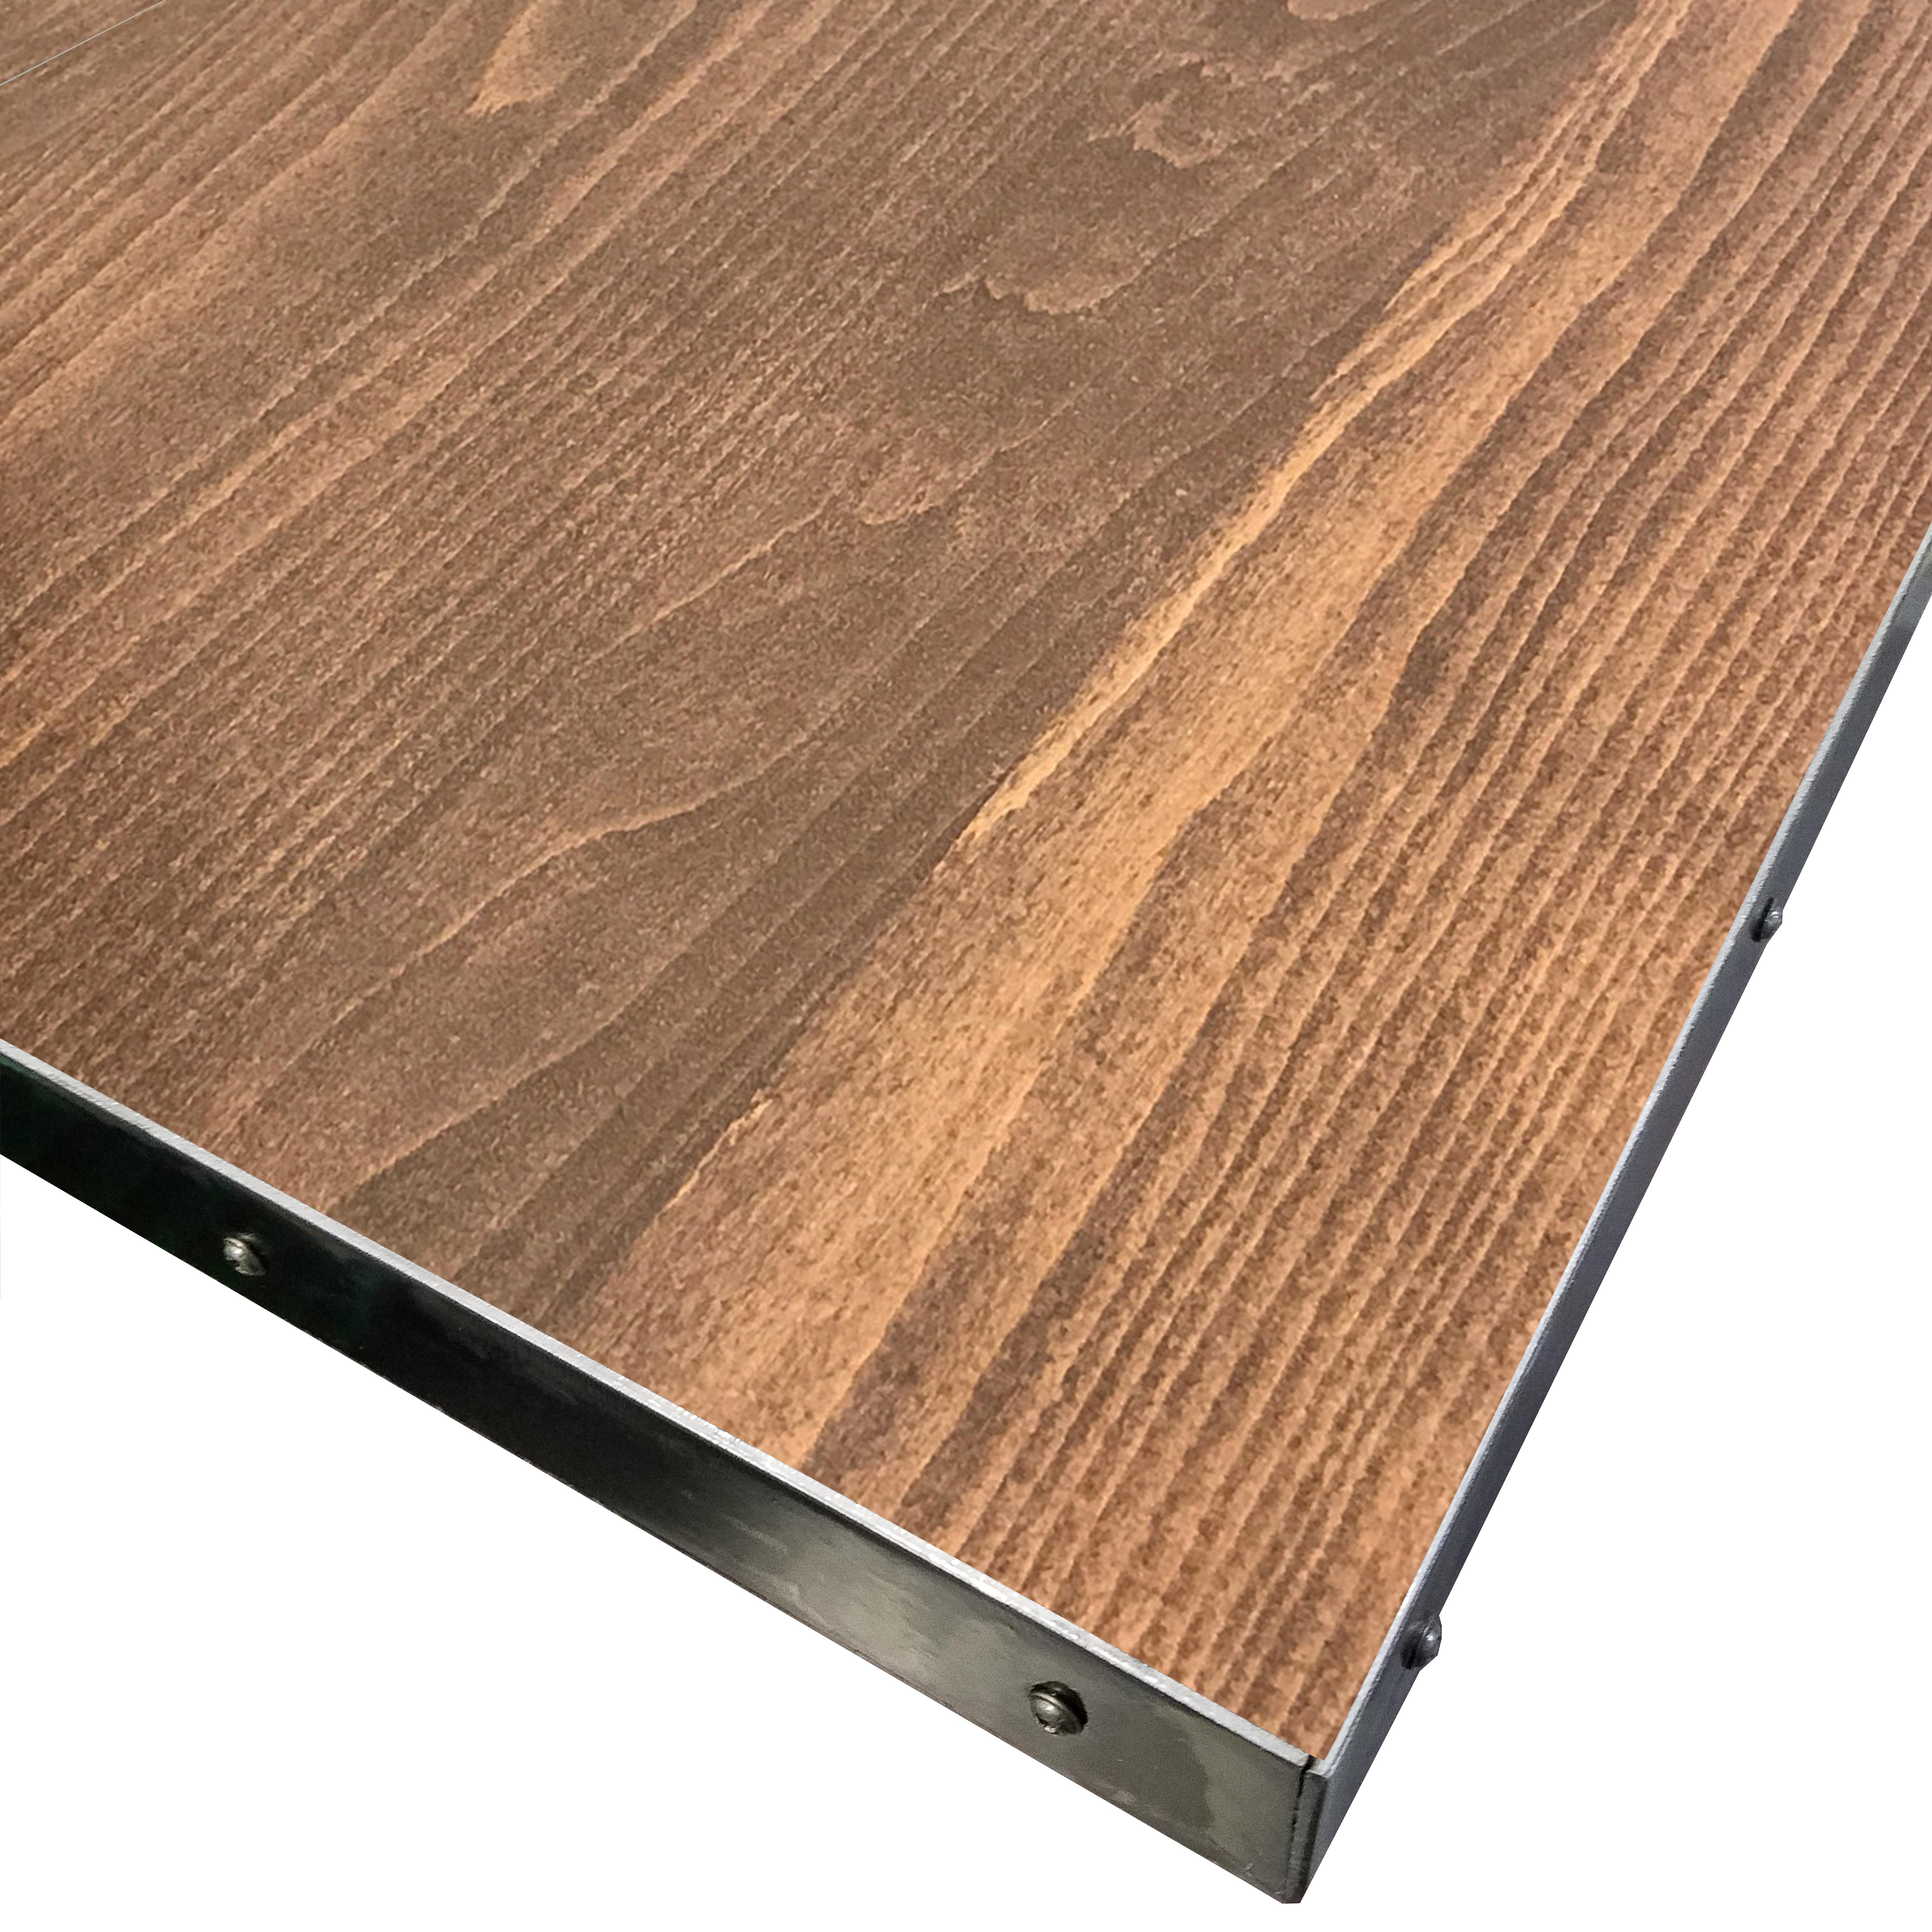 Oak Street FT2424-E table top, wood